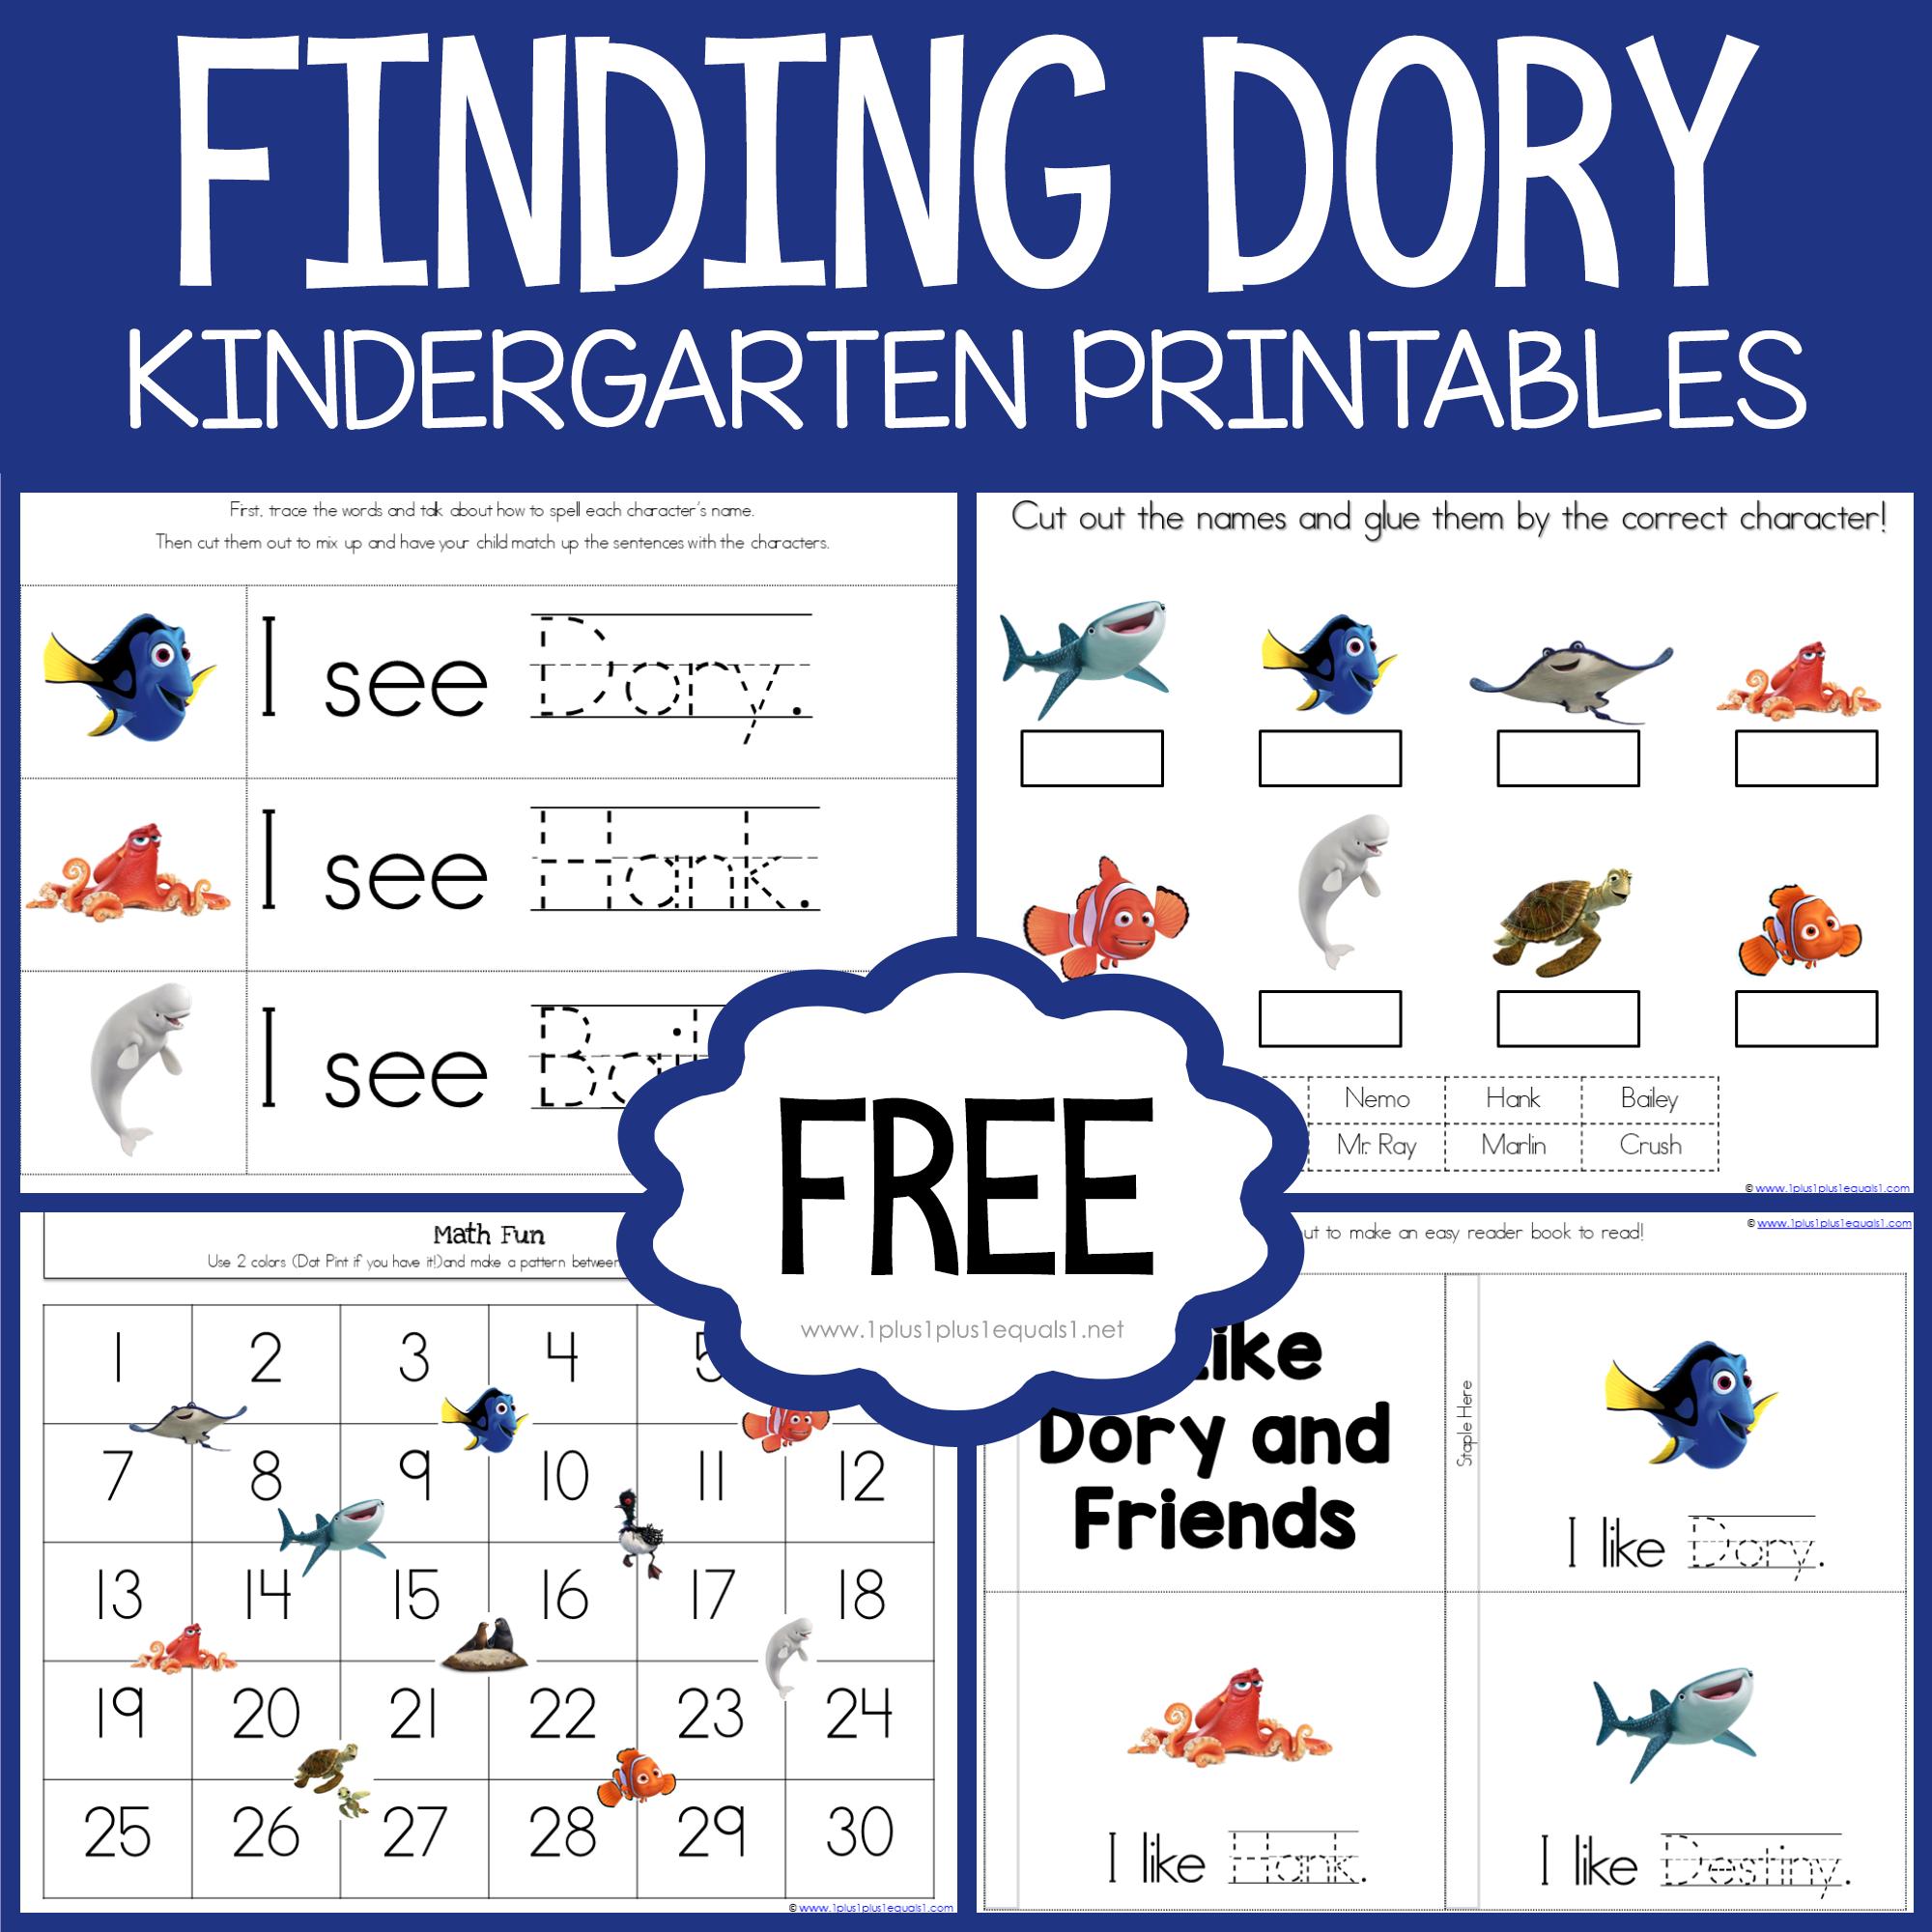 Finding Dory Kindergarten Printables 1 1 1 1